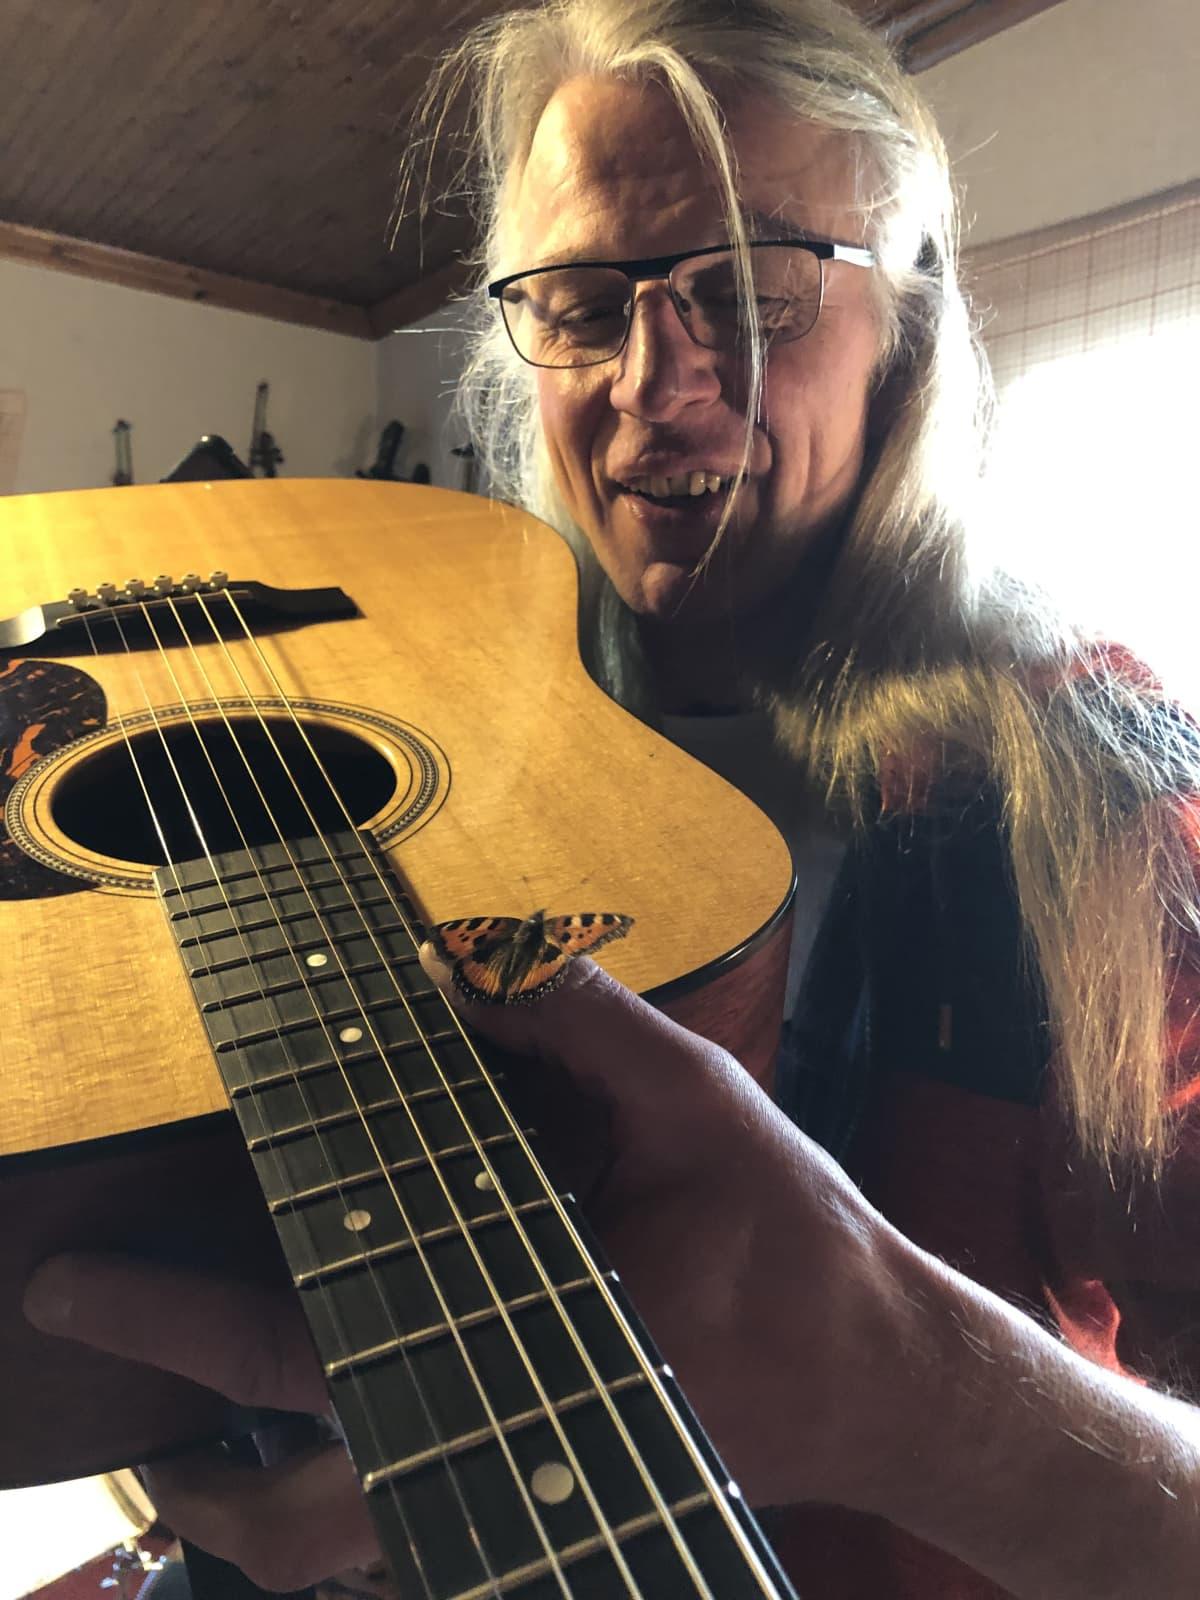 Hannu Sepponen ja marraskuinen perhonen sormella, joka pitelee kitaraa.